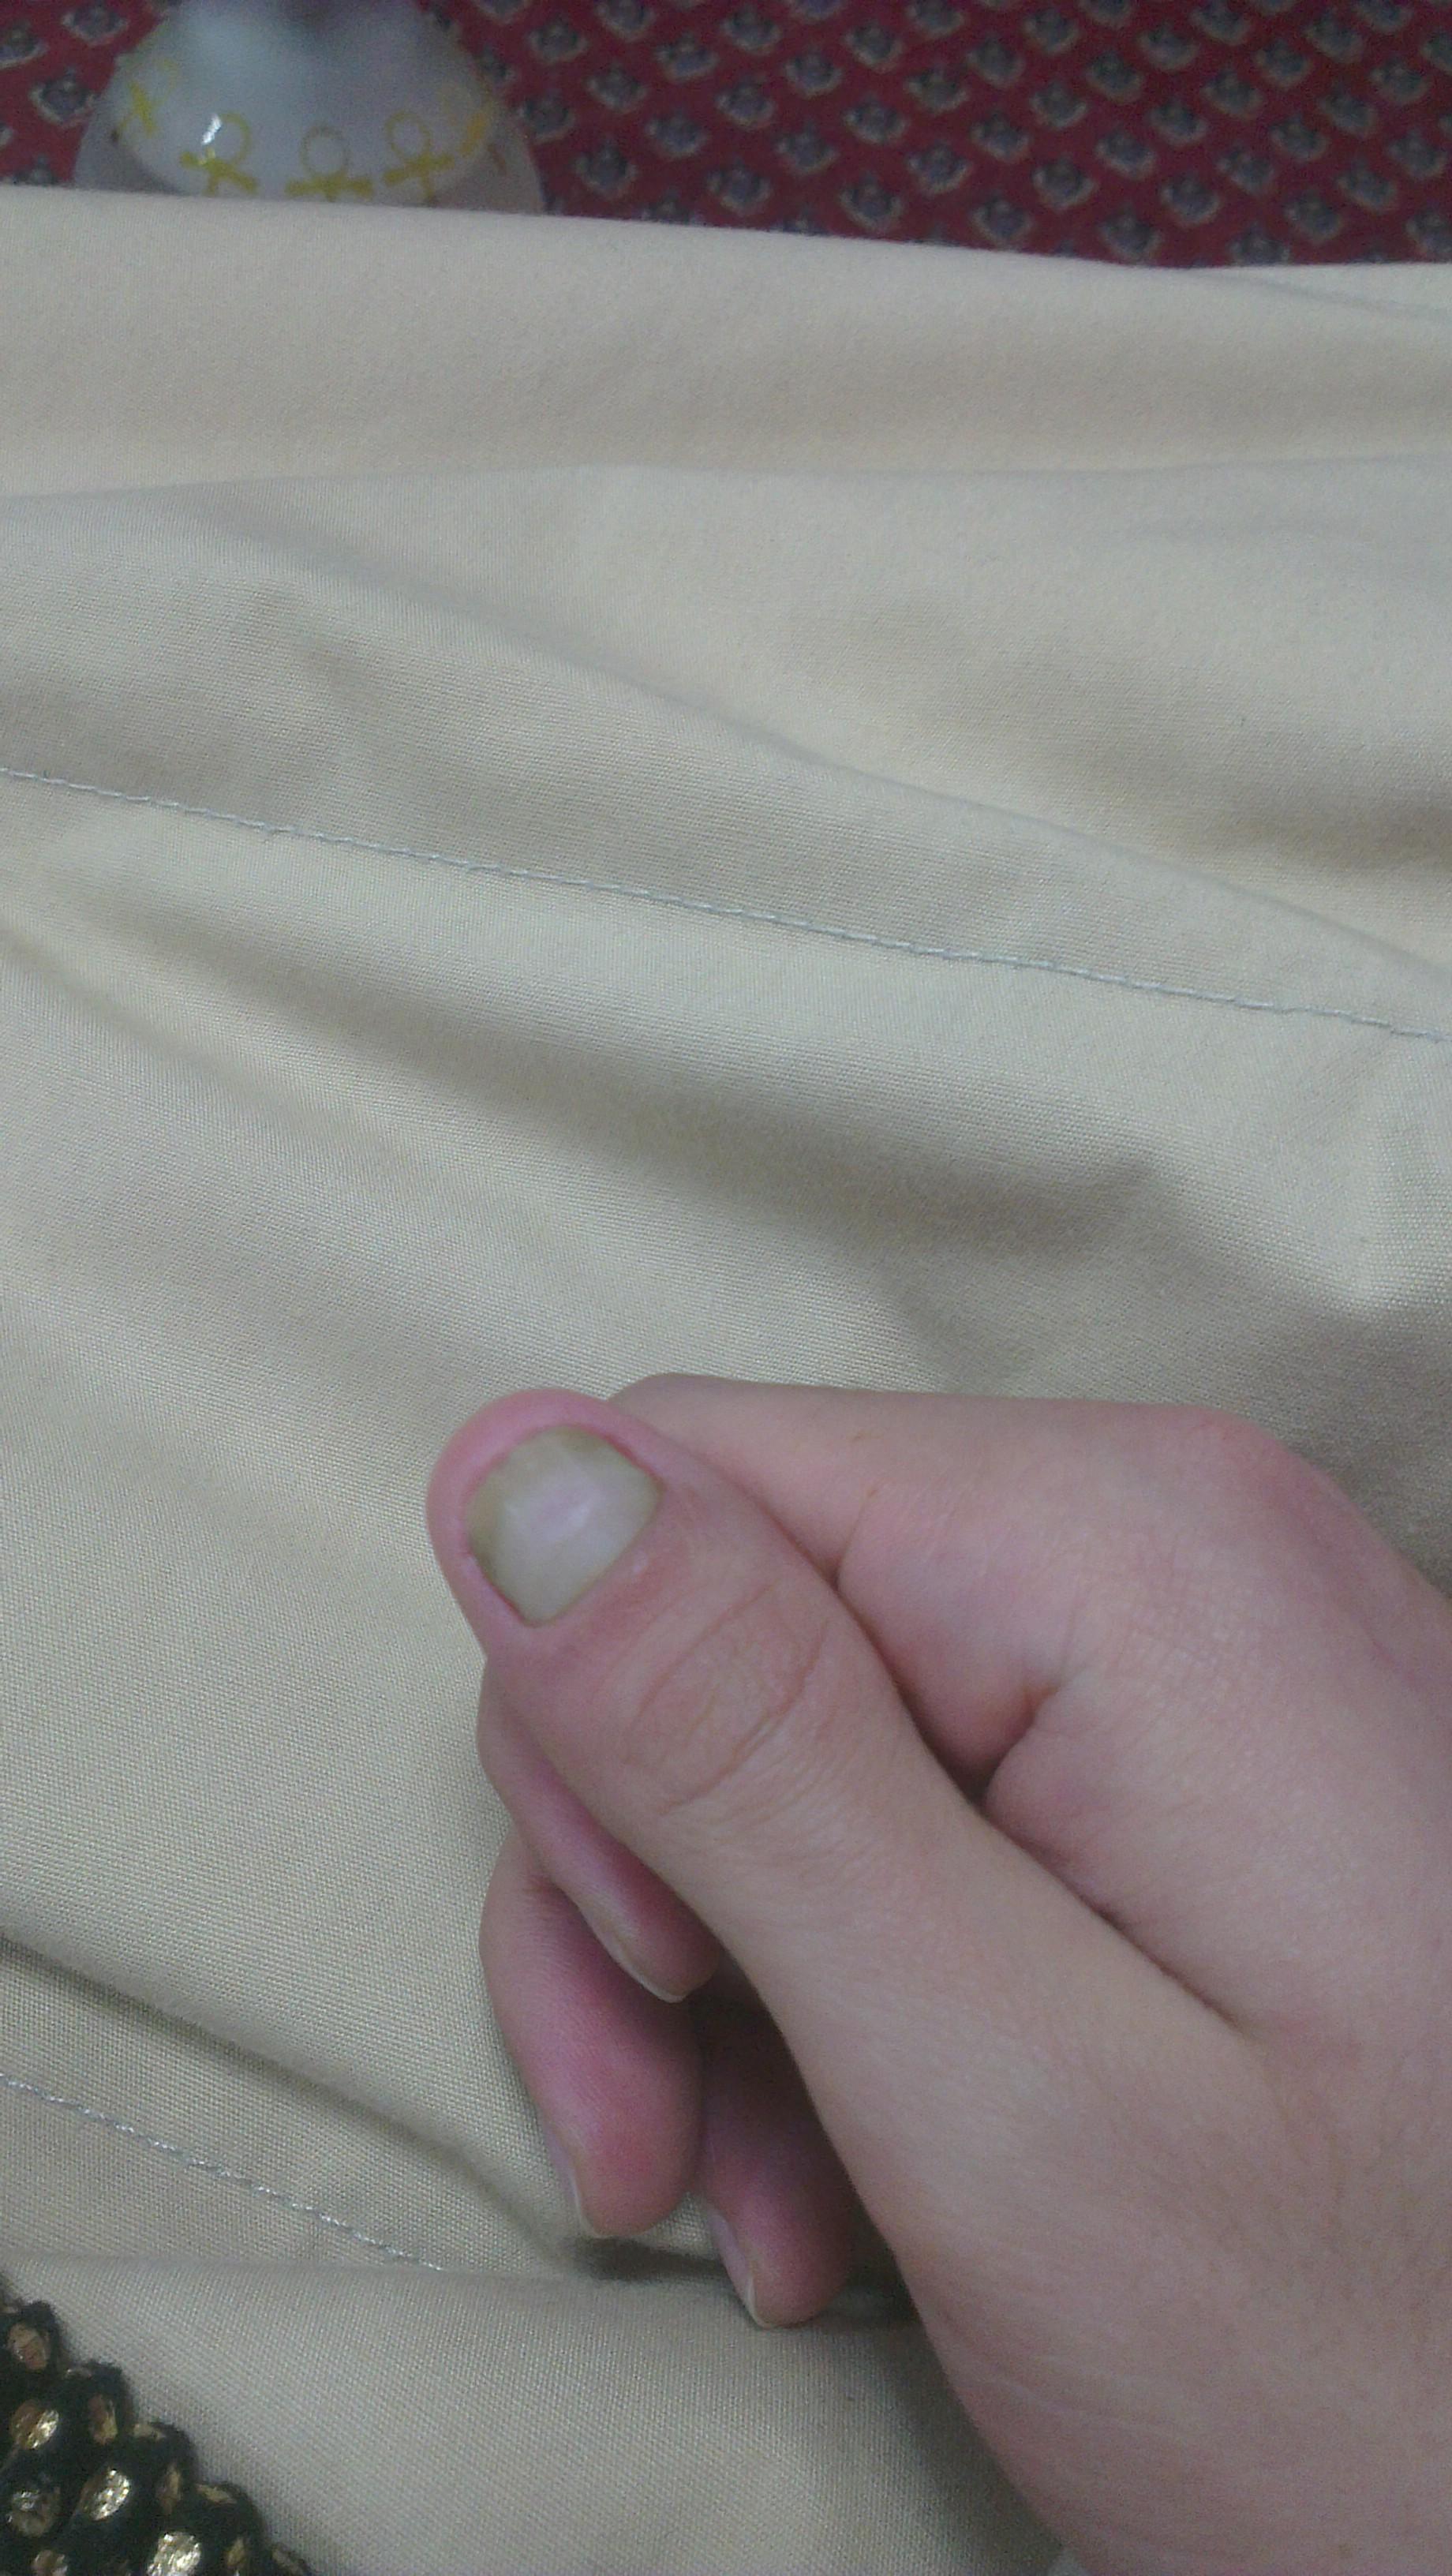 Quetschung an der Nagelwurzel Heilung (Gesundheit, Medizin, Medikamente)